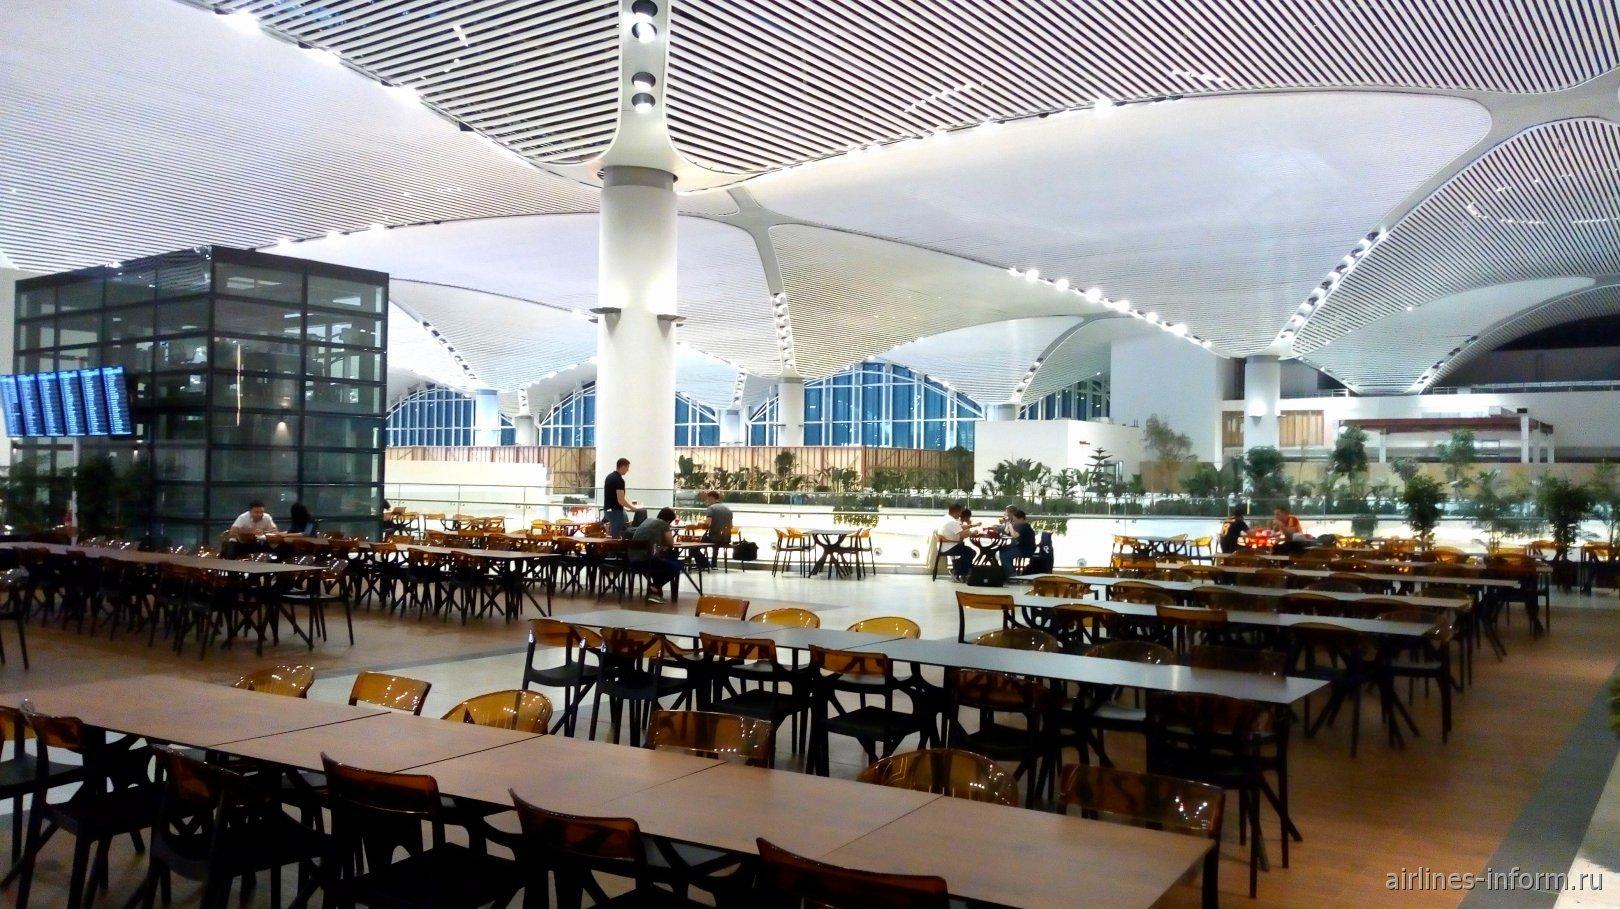 В пассажирском терминале аэропорта Стамбул Новый